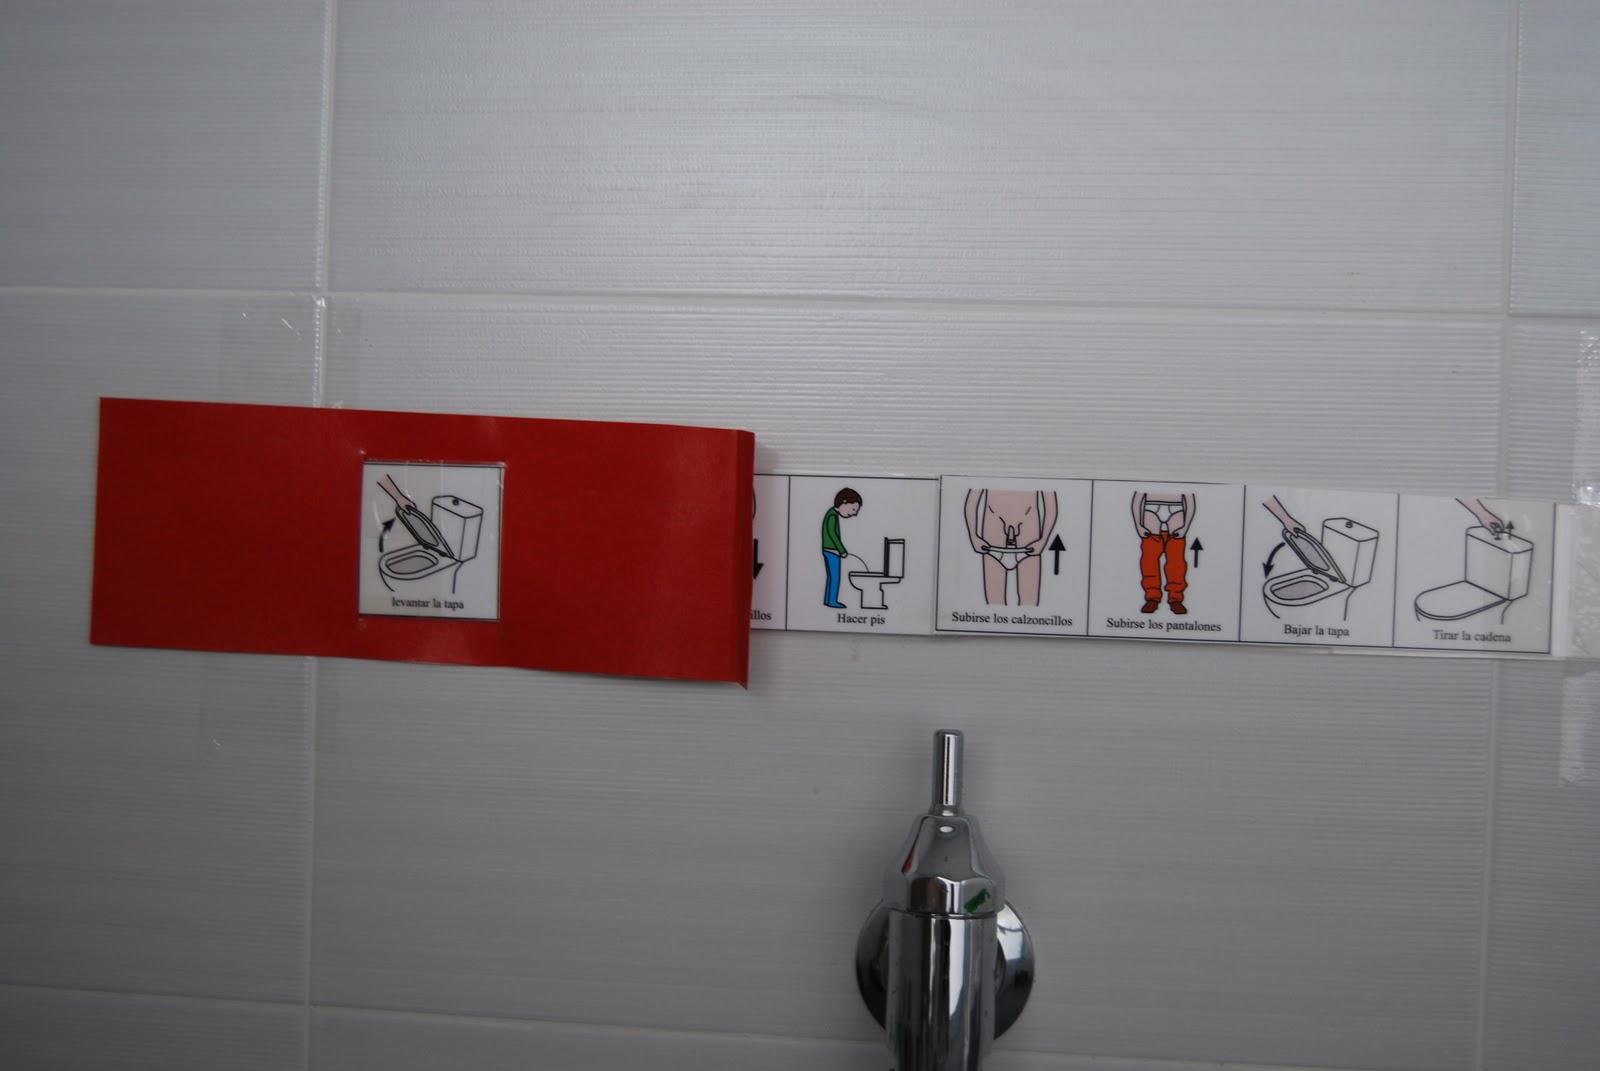 El ba l de a l secuencia de pictogramas para ir hacer pis - Que hacer para ir al bano ...